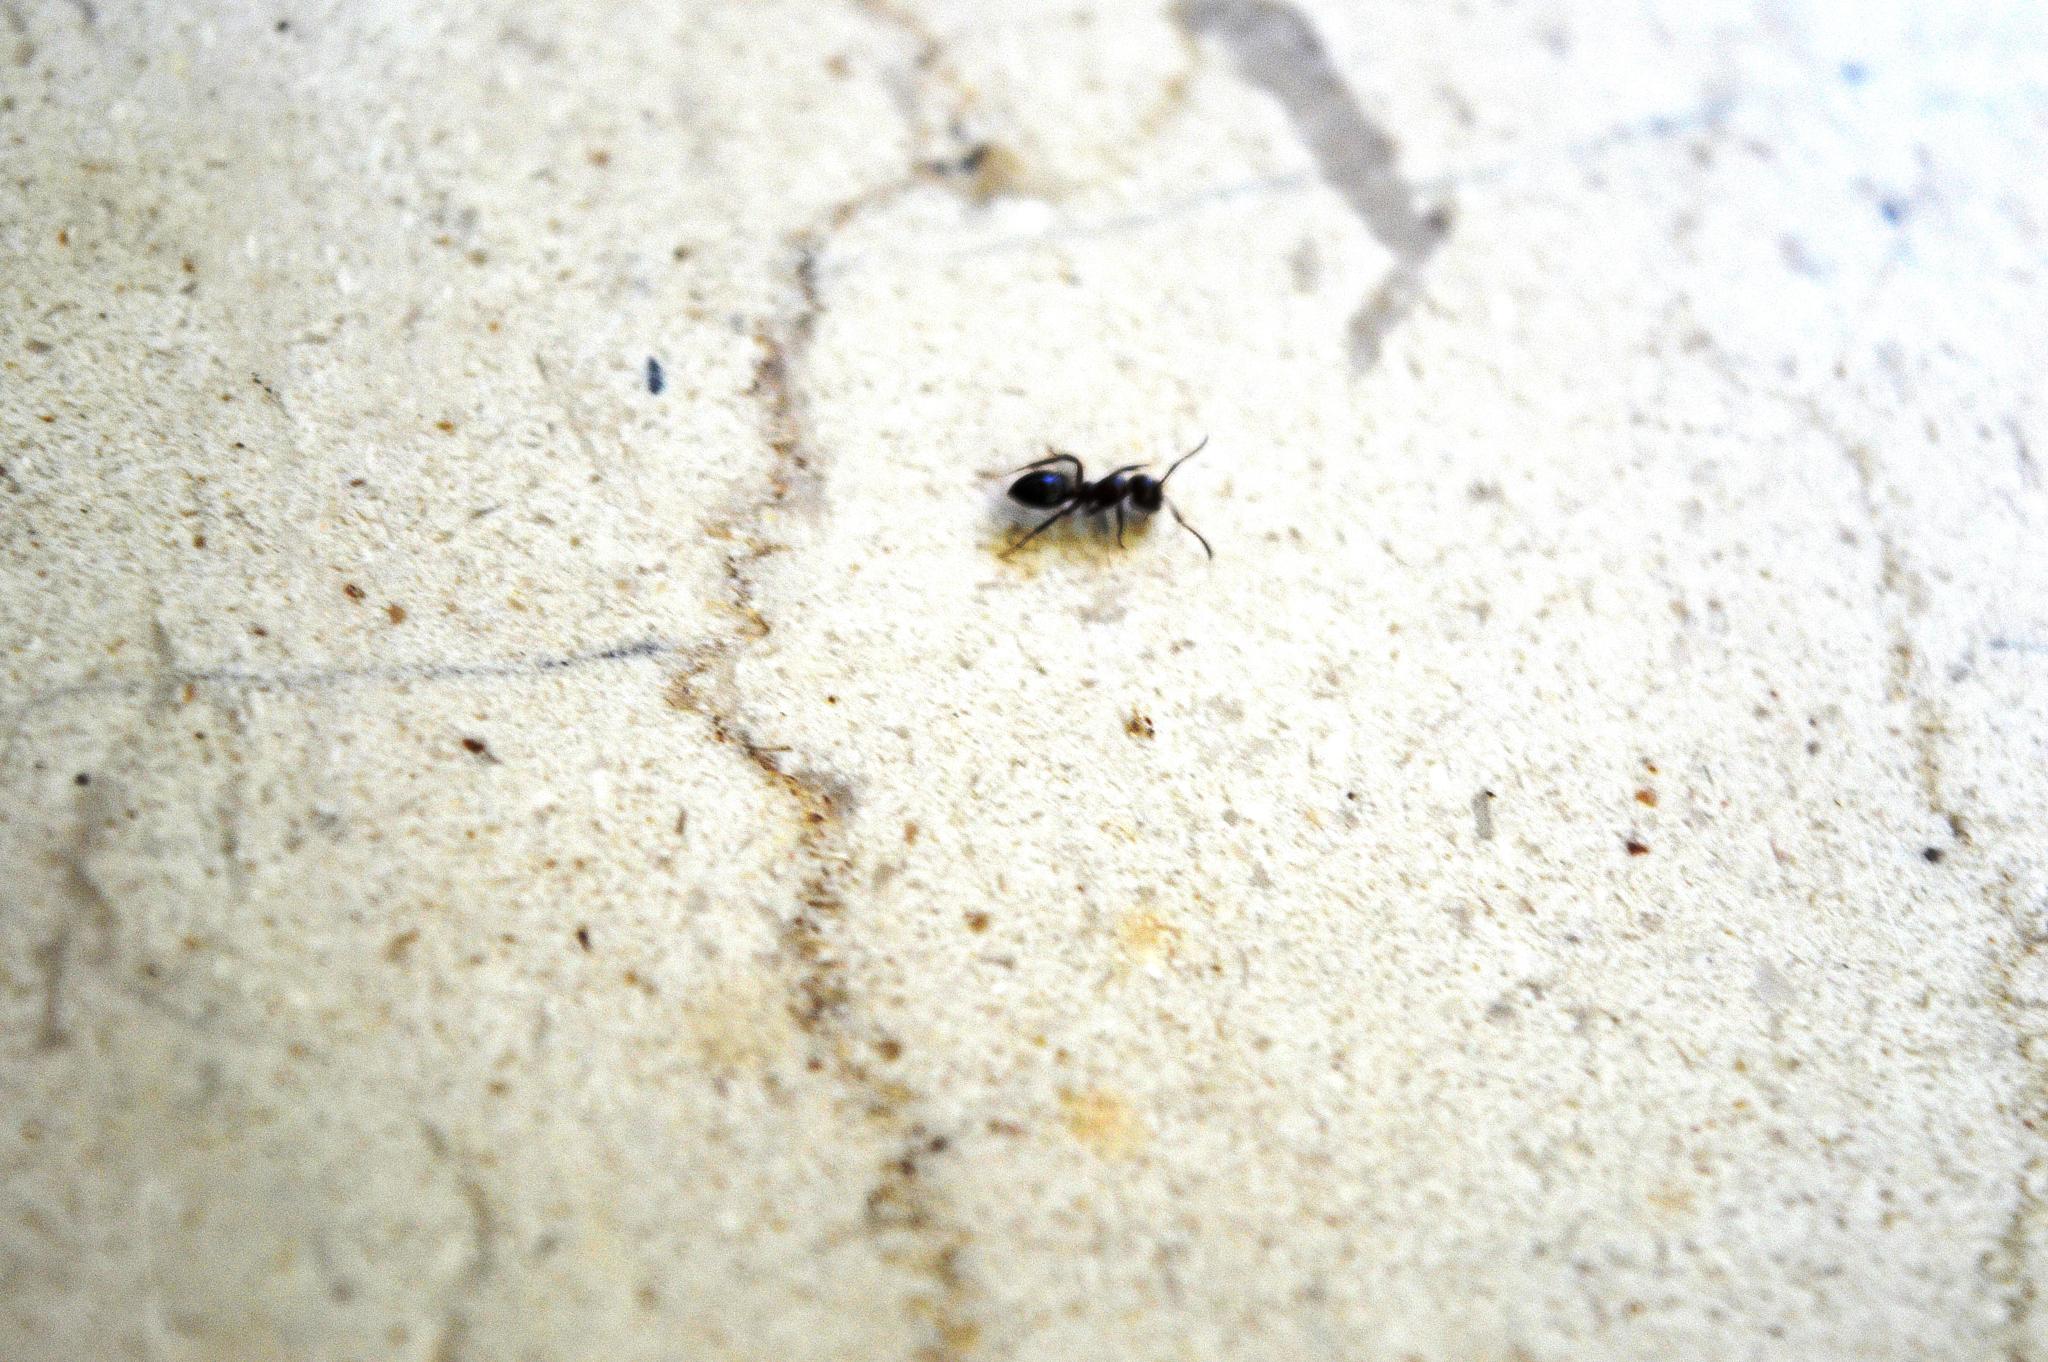 Ant by Ahi Von B